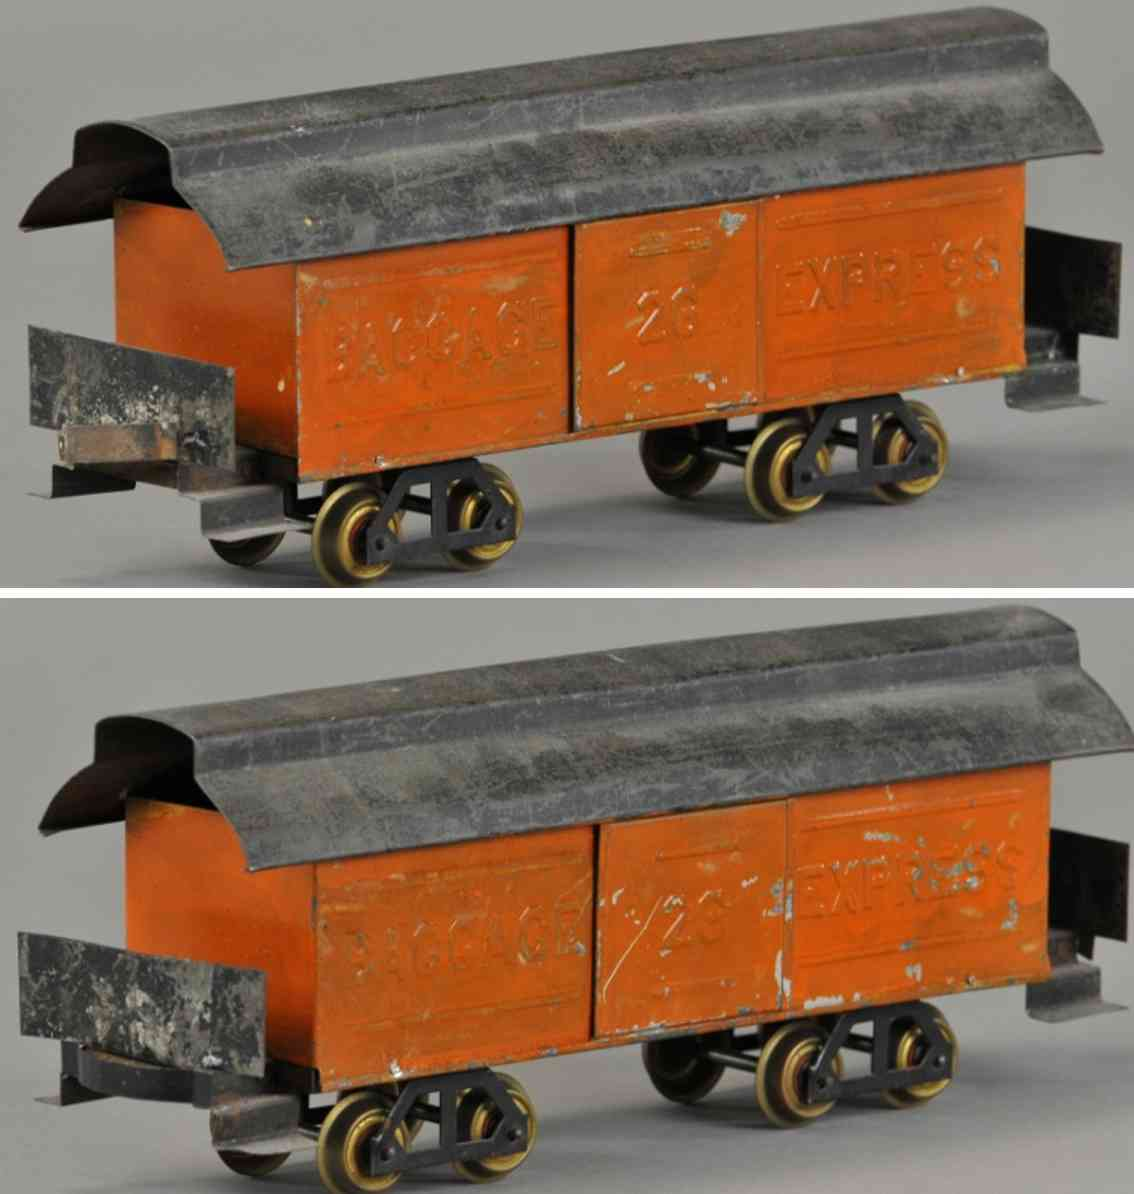 carlisle & finch 13b eisenbahn gepaeckwagen orange schwarz